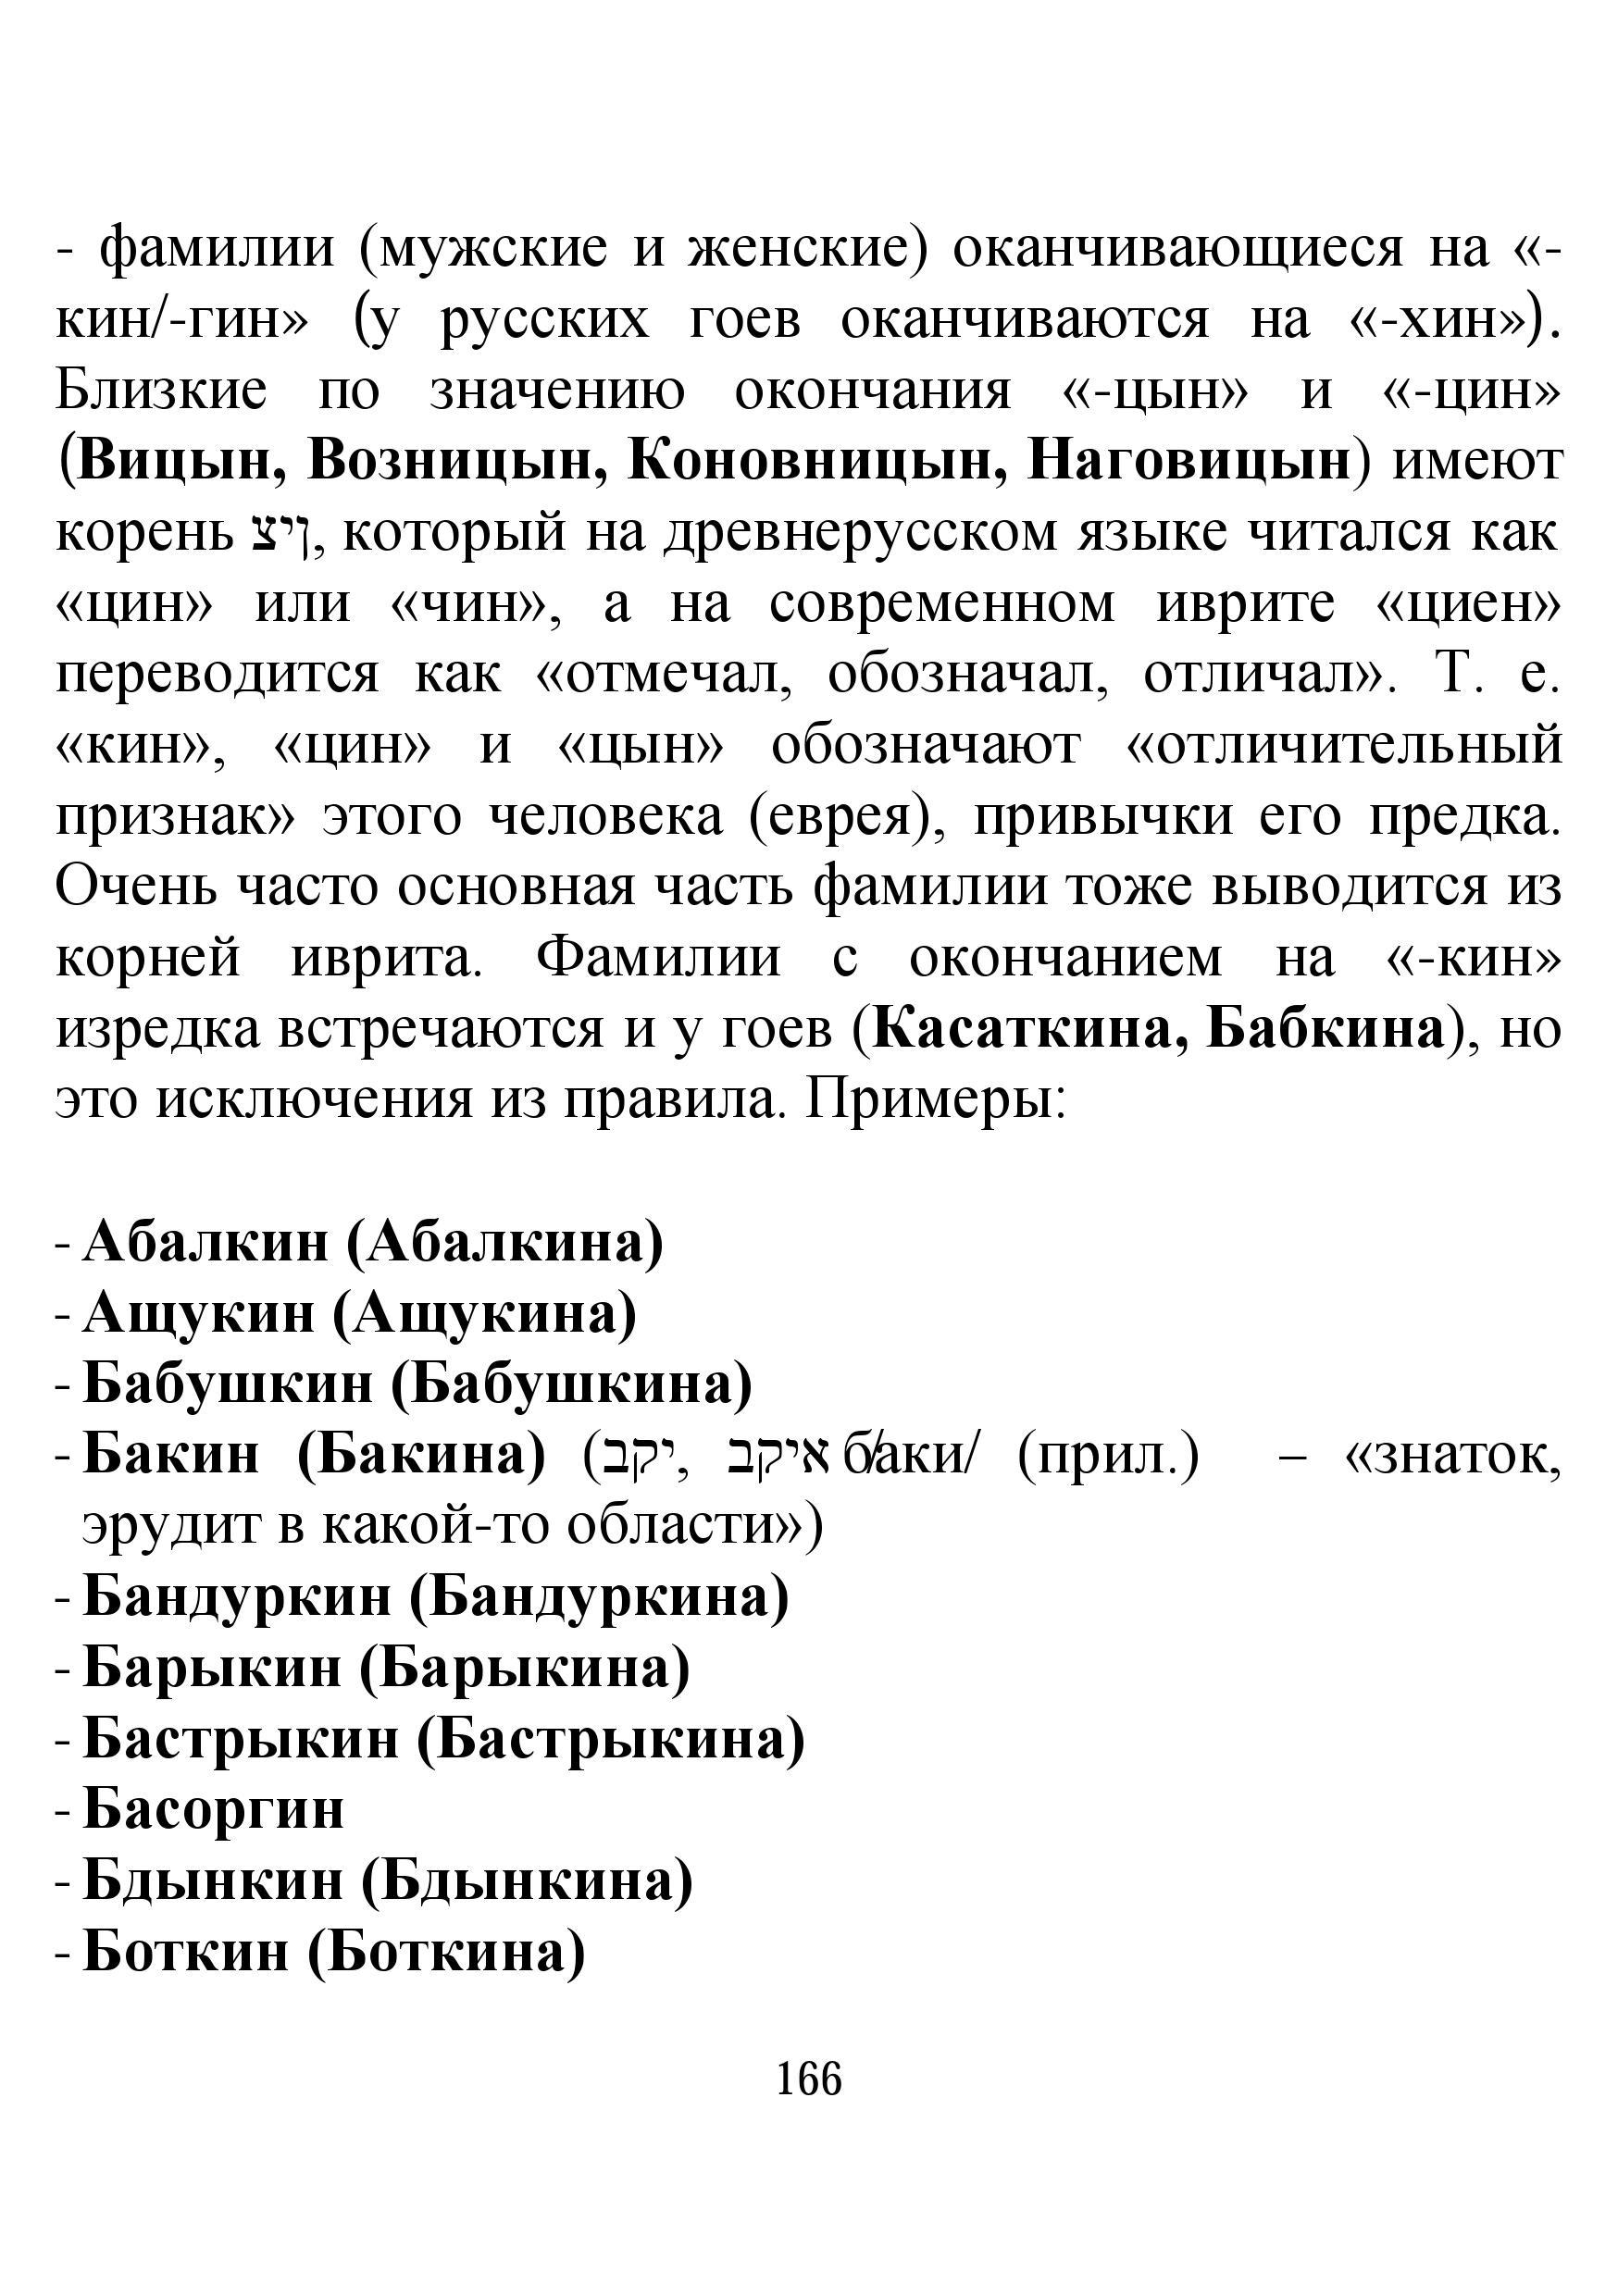 http://s1.uploads.ru/lZeu6.jpg